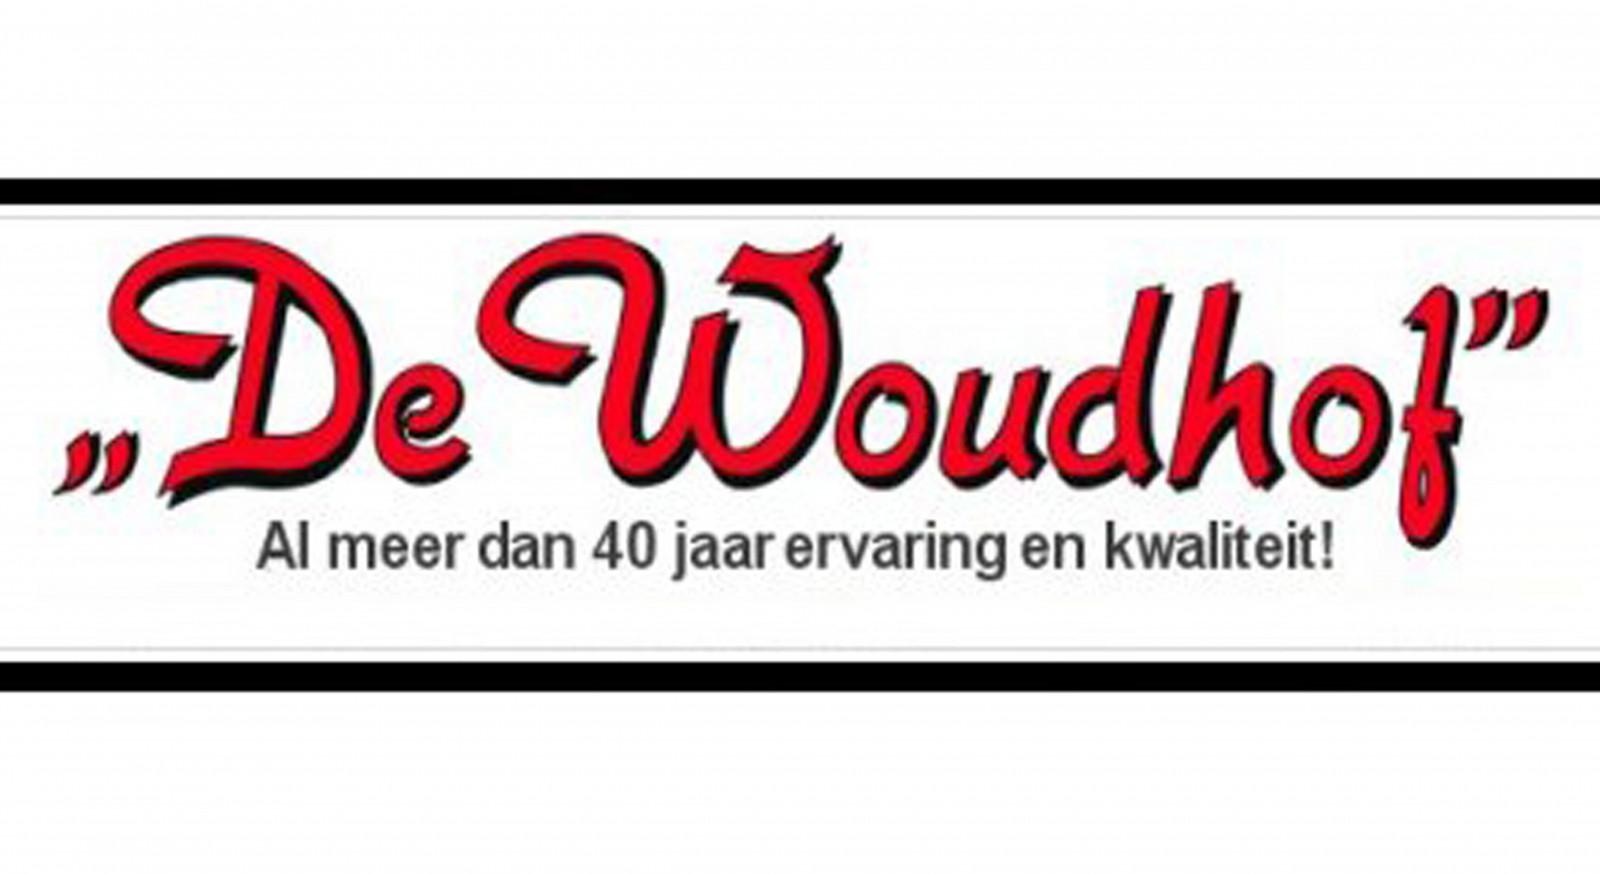 Woudhof